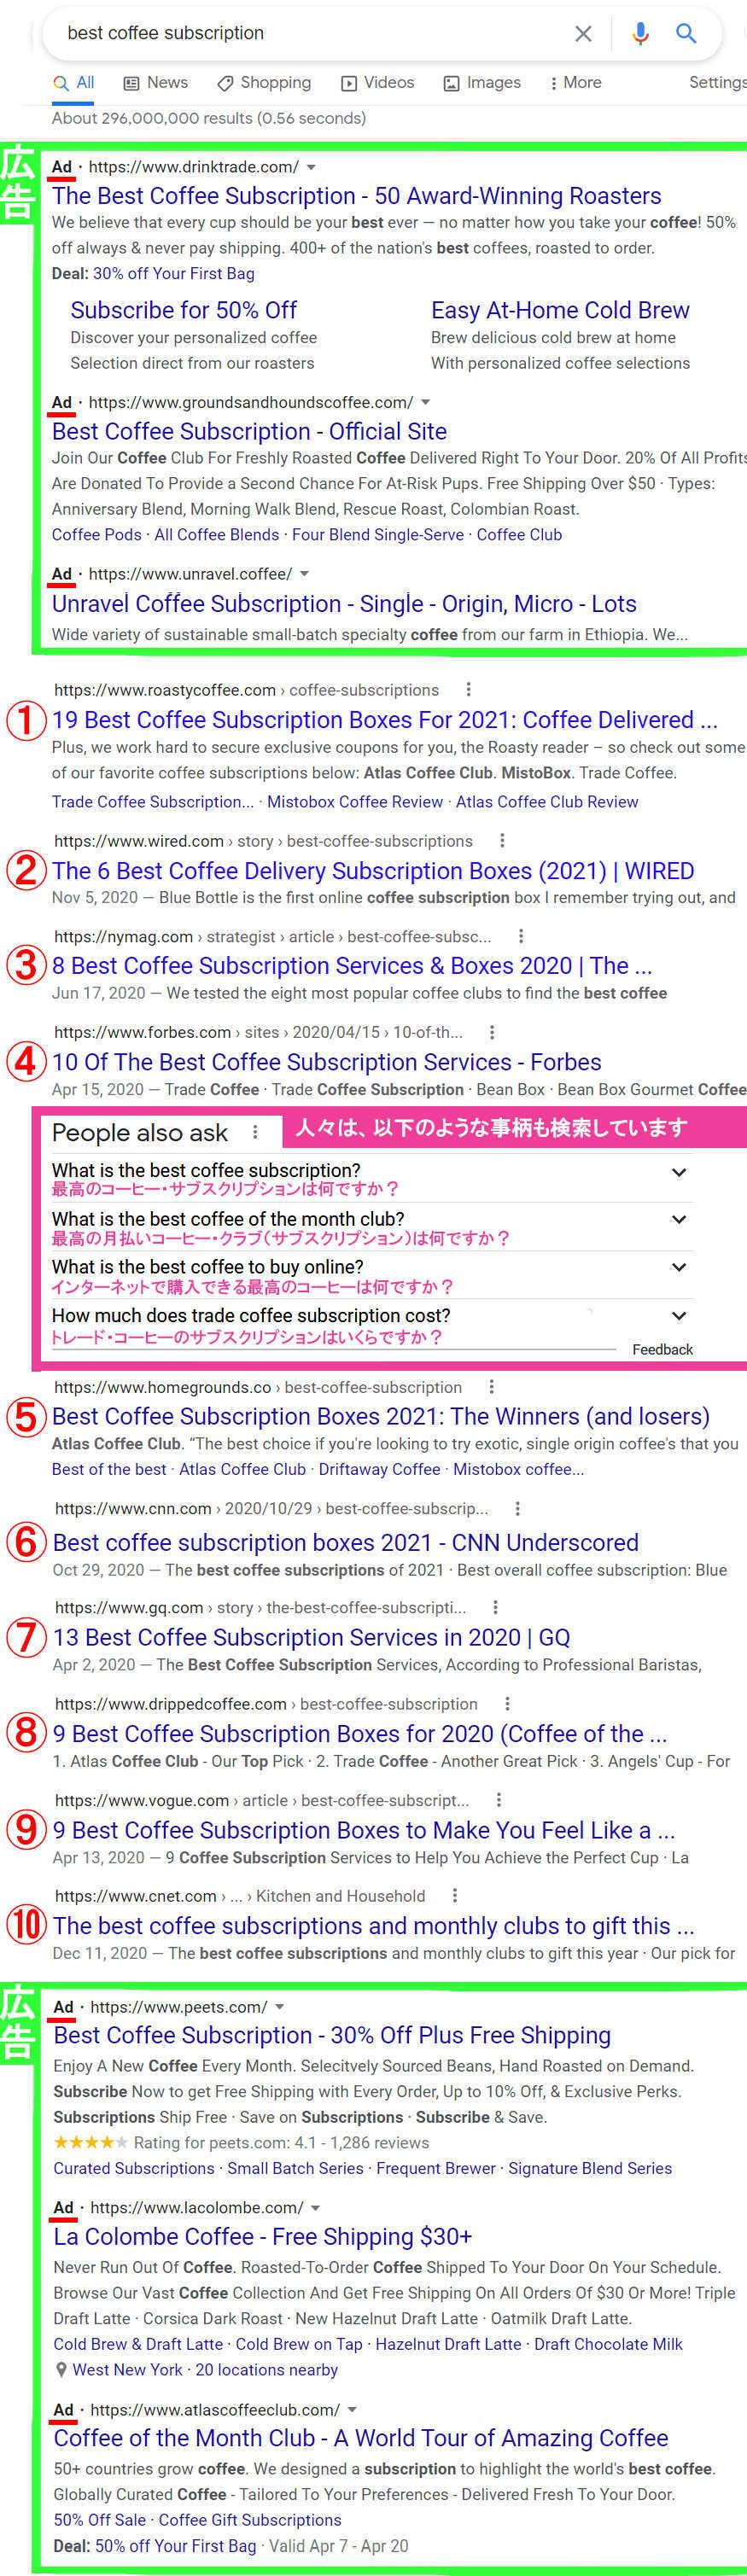 米国でコーヒーのサブスクリプション(coffee subscription)が大人気_b0007805_00515670.jpg